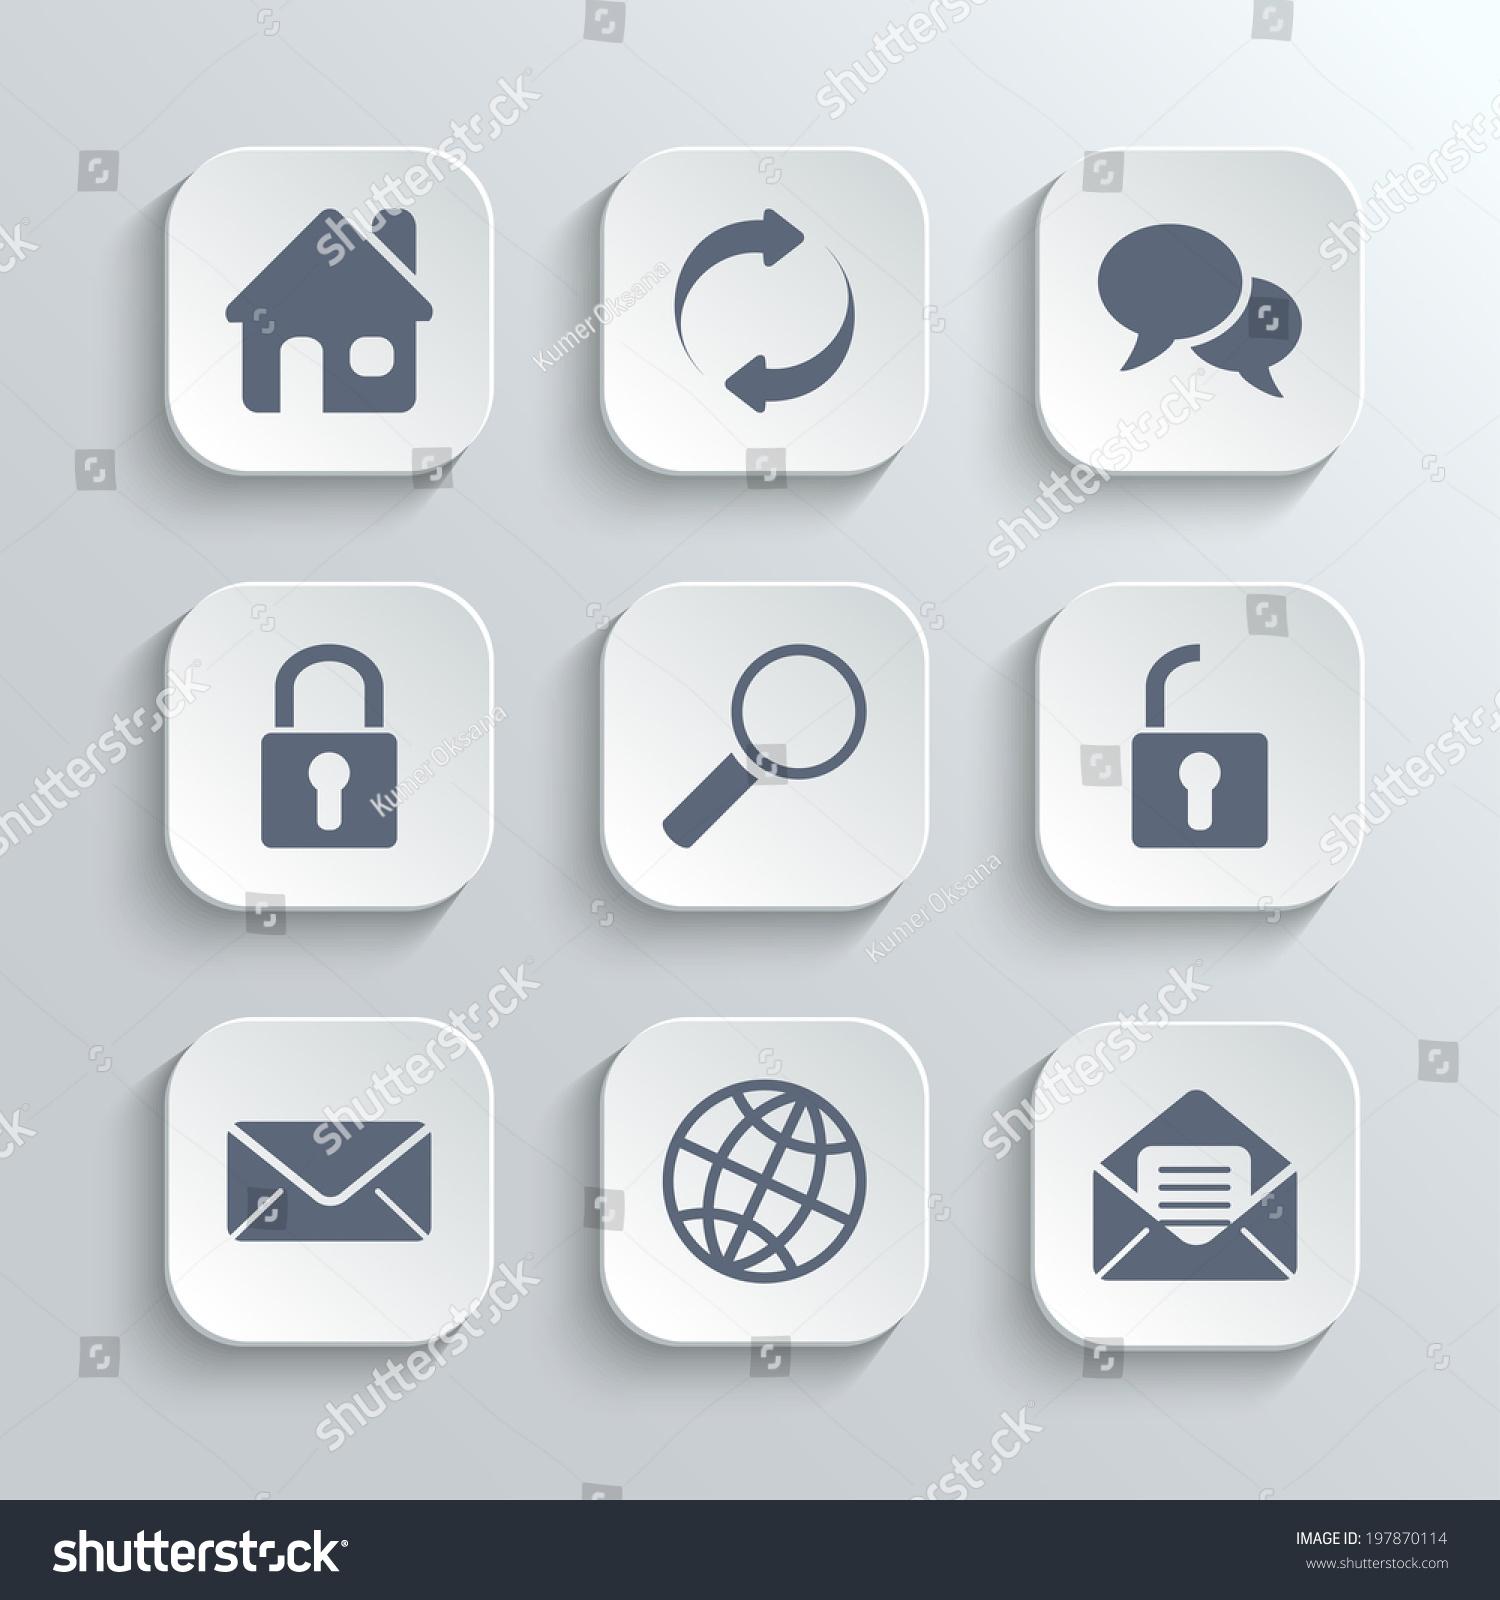 Web Icons Set Vector White App Stock Vector 197870114 - Shutterstock